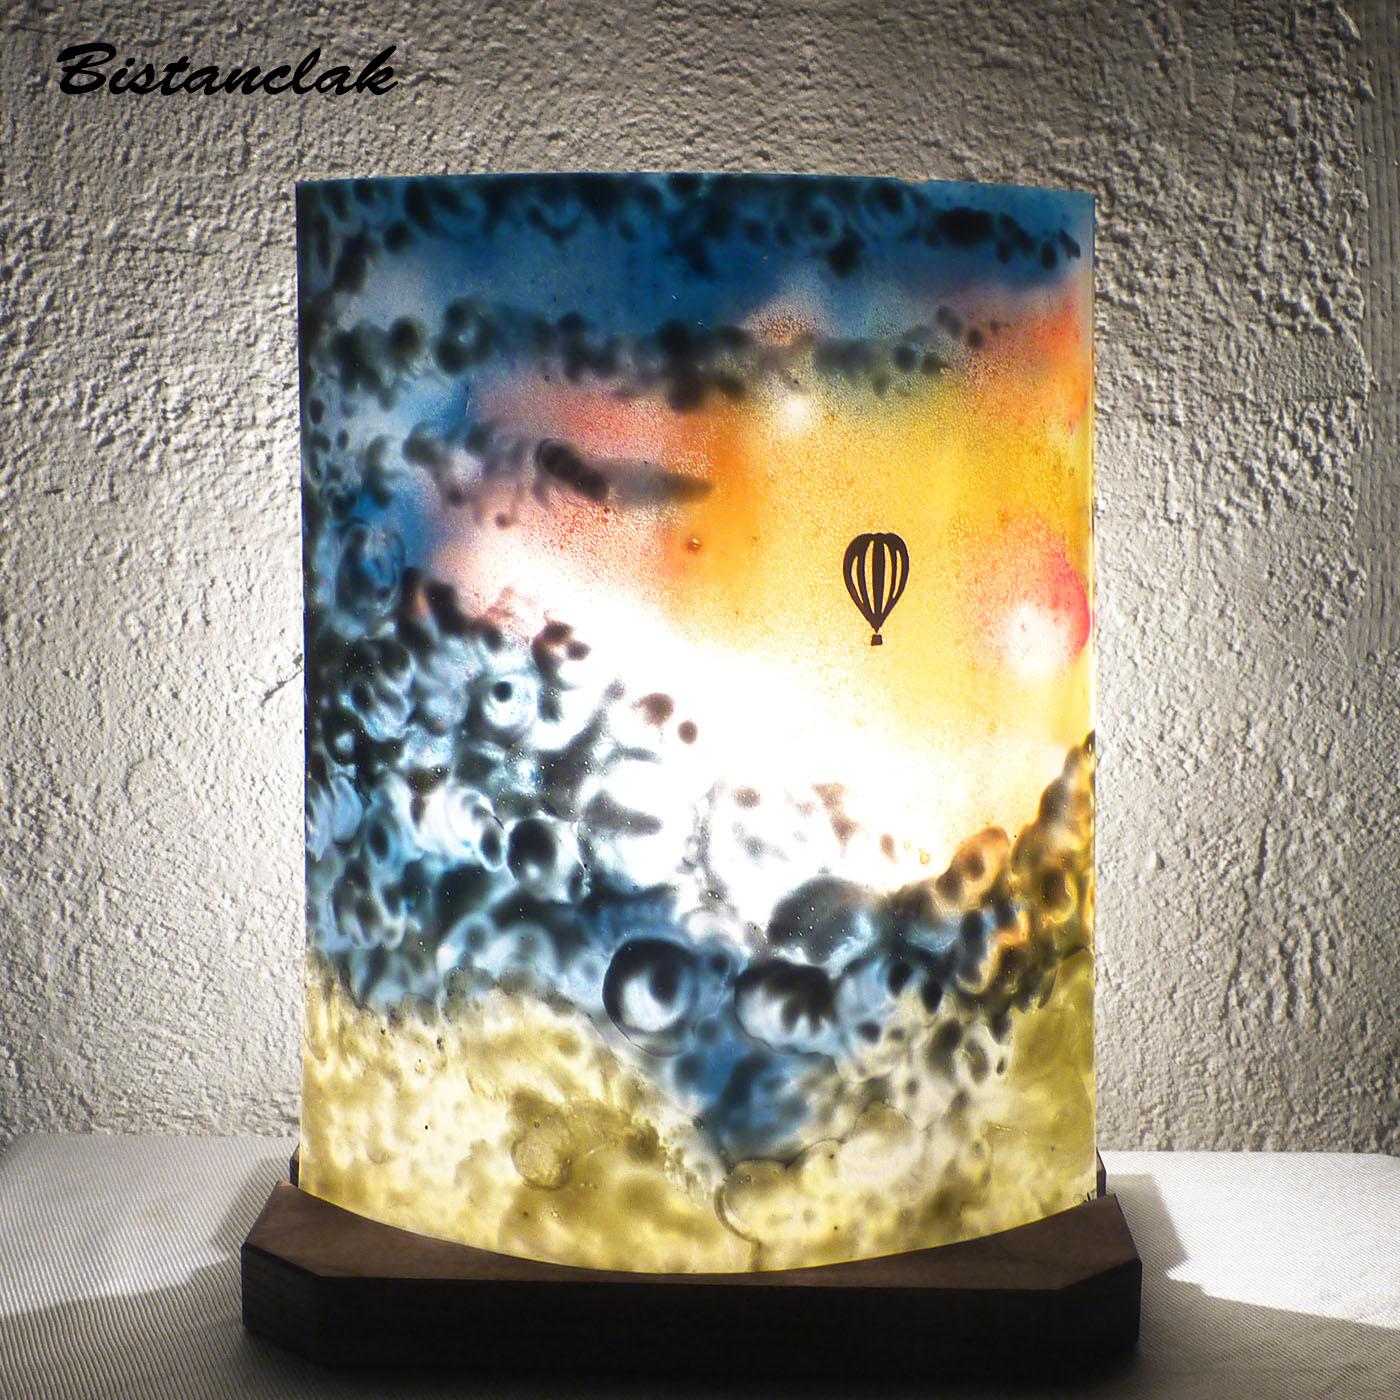 Lampe d ambiance motif mongolfiere dans un ciel multicolore vendue en ligne une création artisanale française